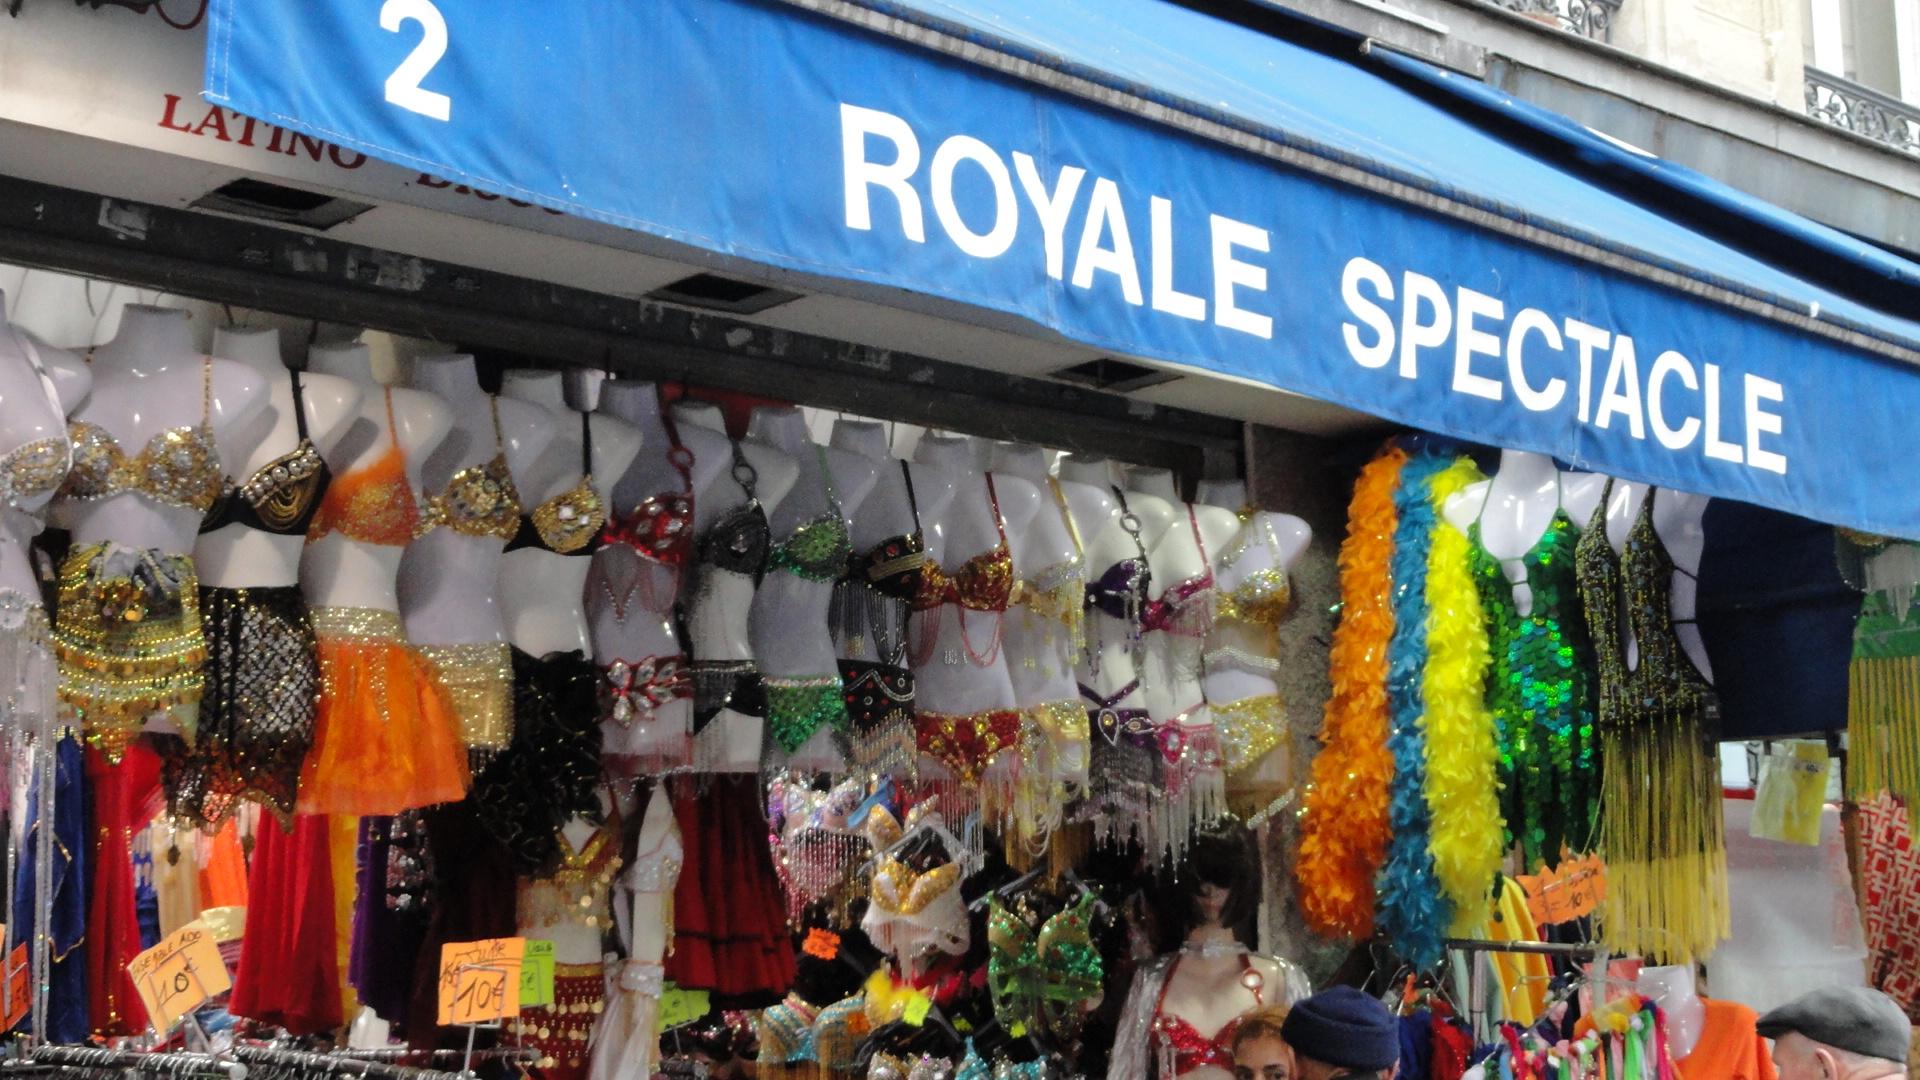 Marché Saint Pierre, Paris 18e - Royal Spectacle